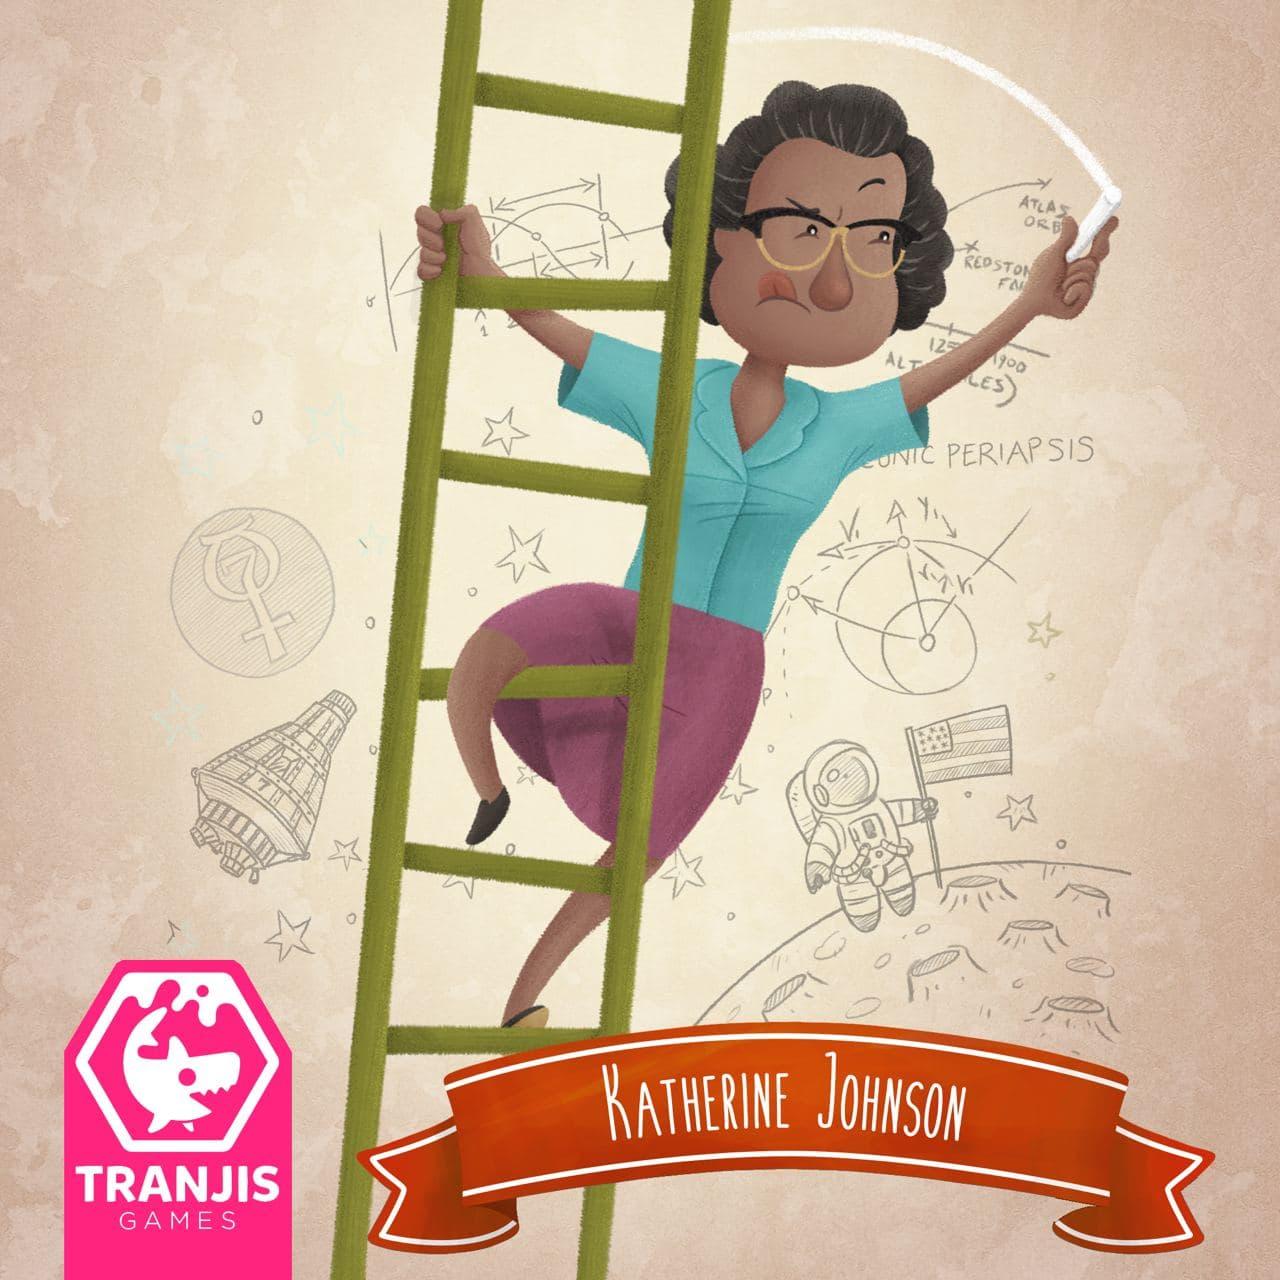 Científica Nobel Run Tranjis Games